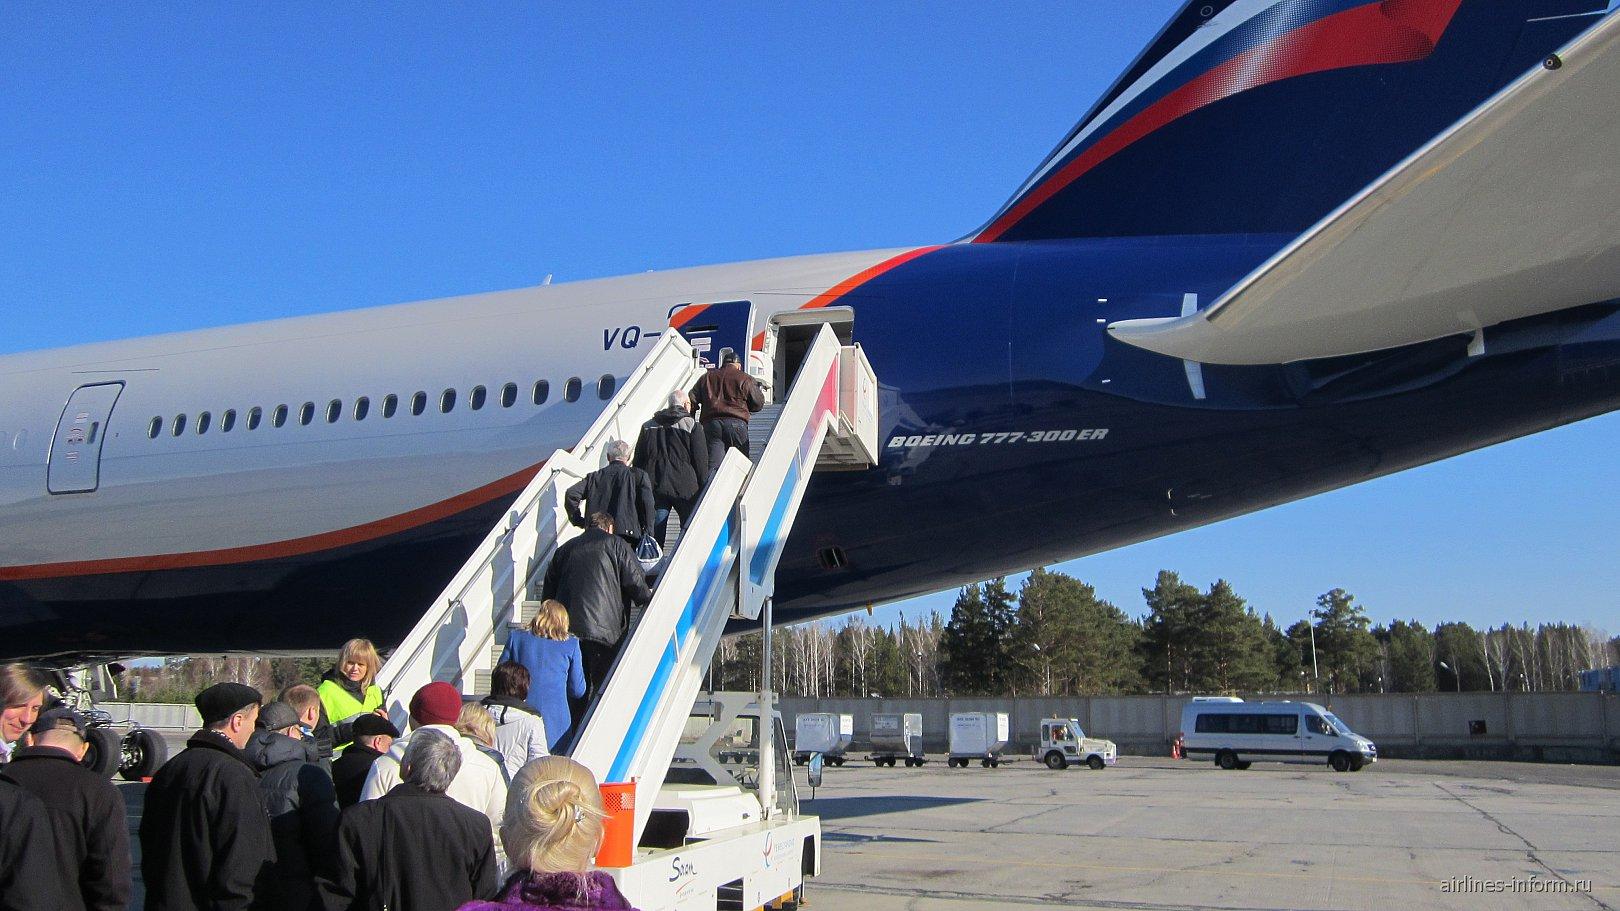 Красноярск-Москва с Аэрофлотом на Боинг 777-300ER